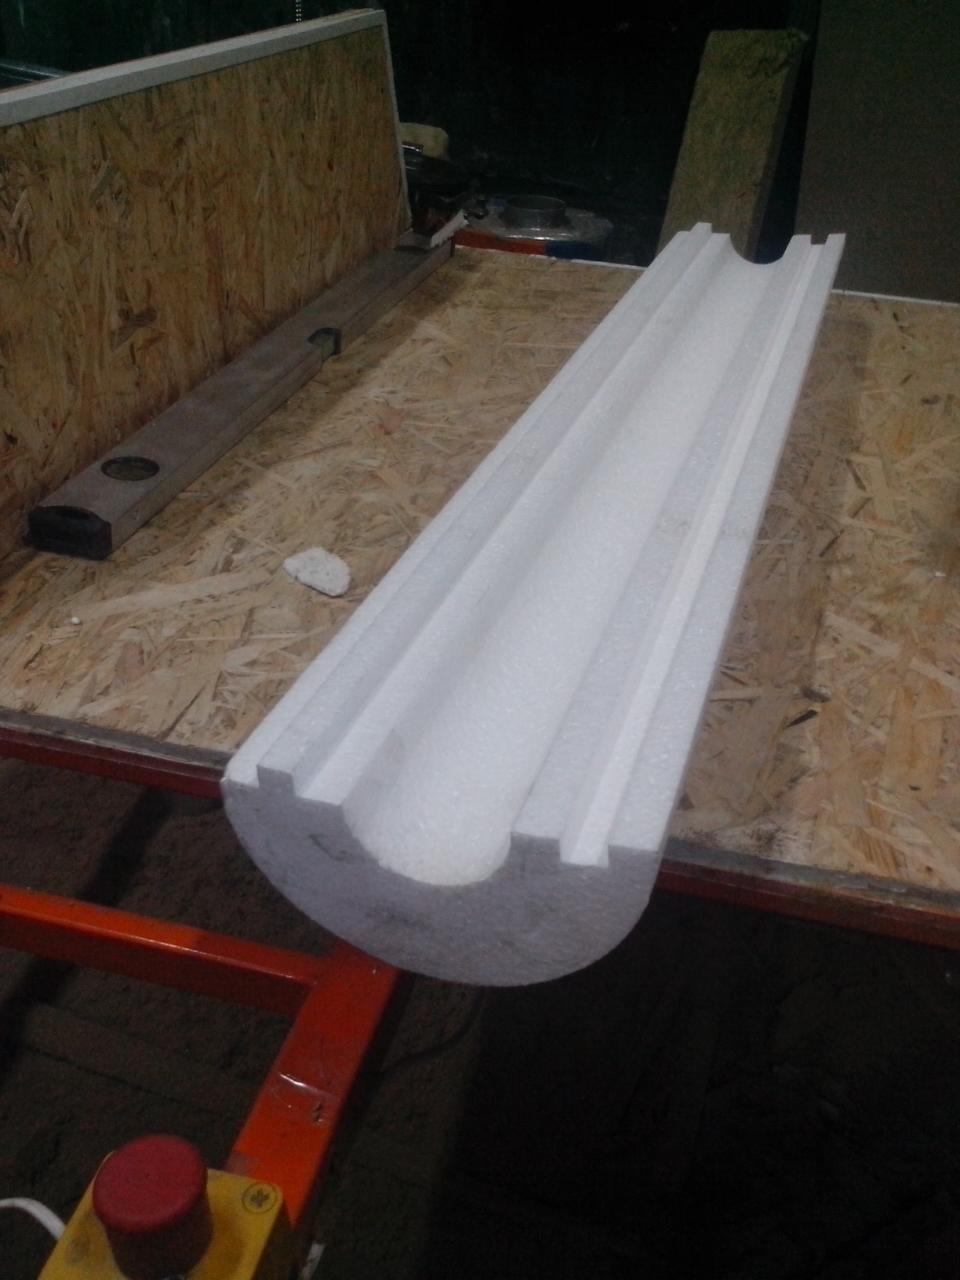 Утеплитель из пенопласта (пенополистирола) для труб Ø 20 мм толщиной 70 мм